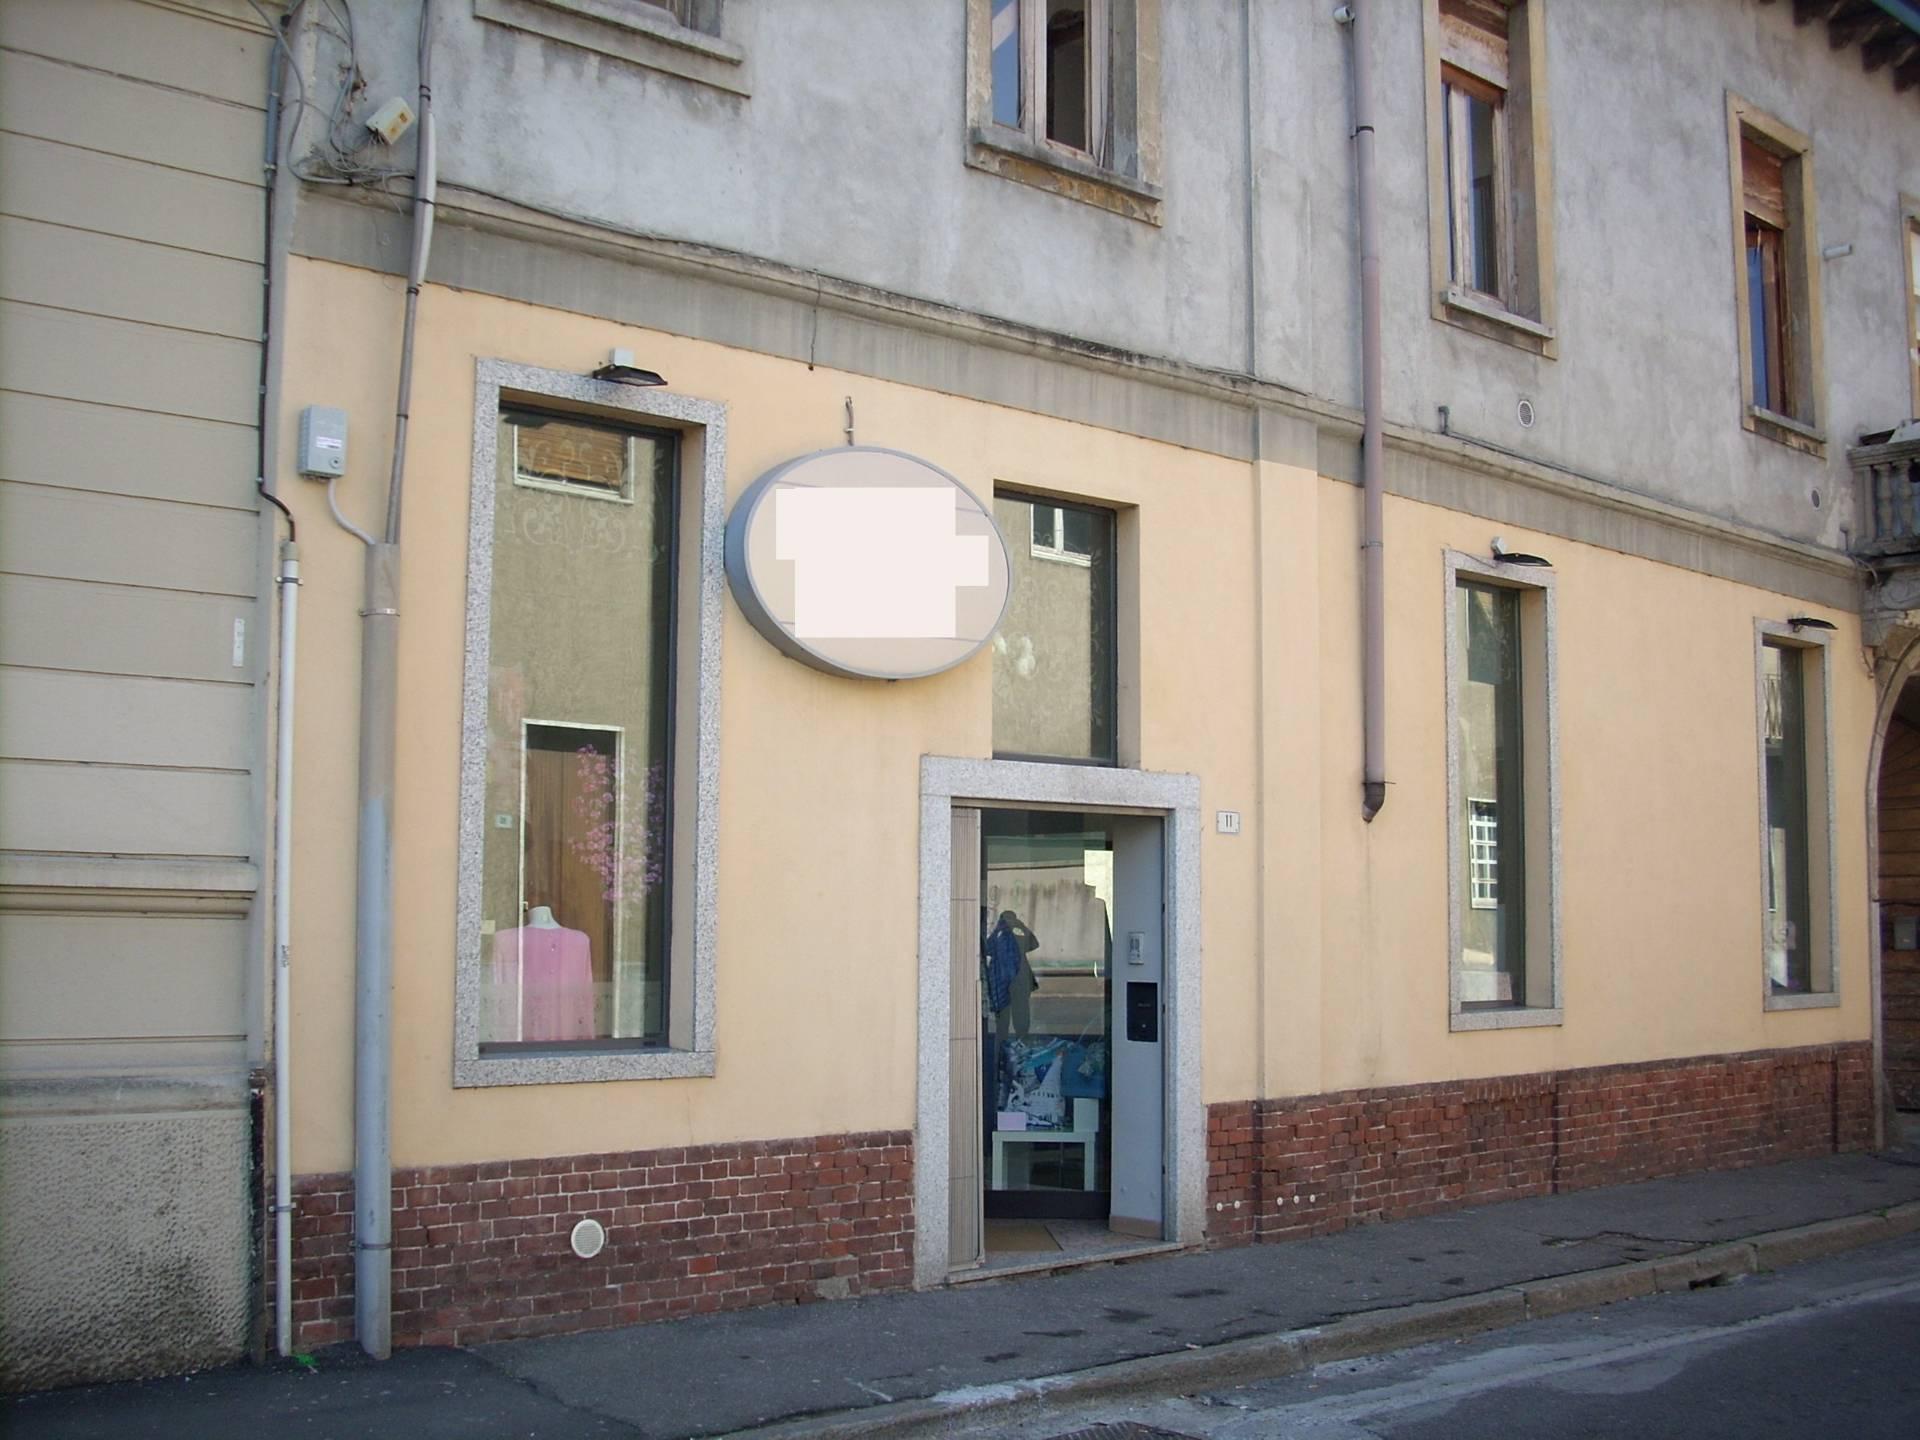 Ufficio / Studio in vendita a Busto Arsizio, 9999 locali, prezzo € 120.000 | PortaleAgenzieImmobiliari.it